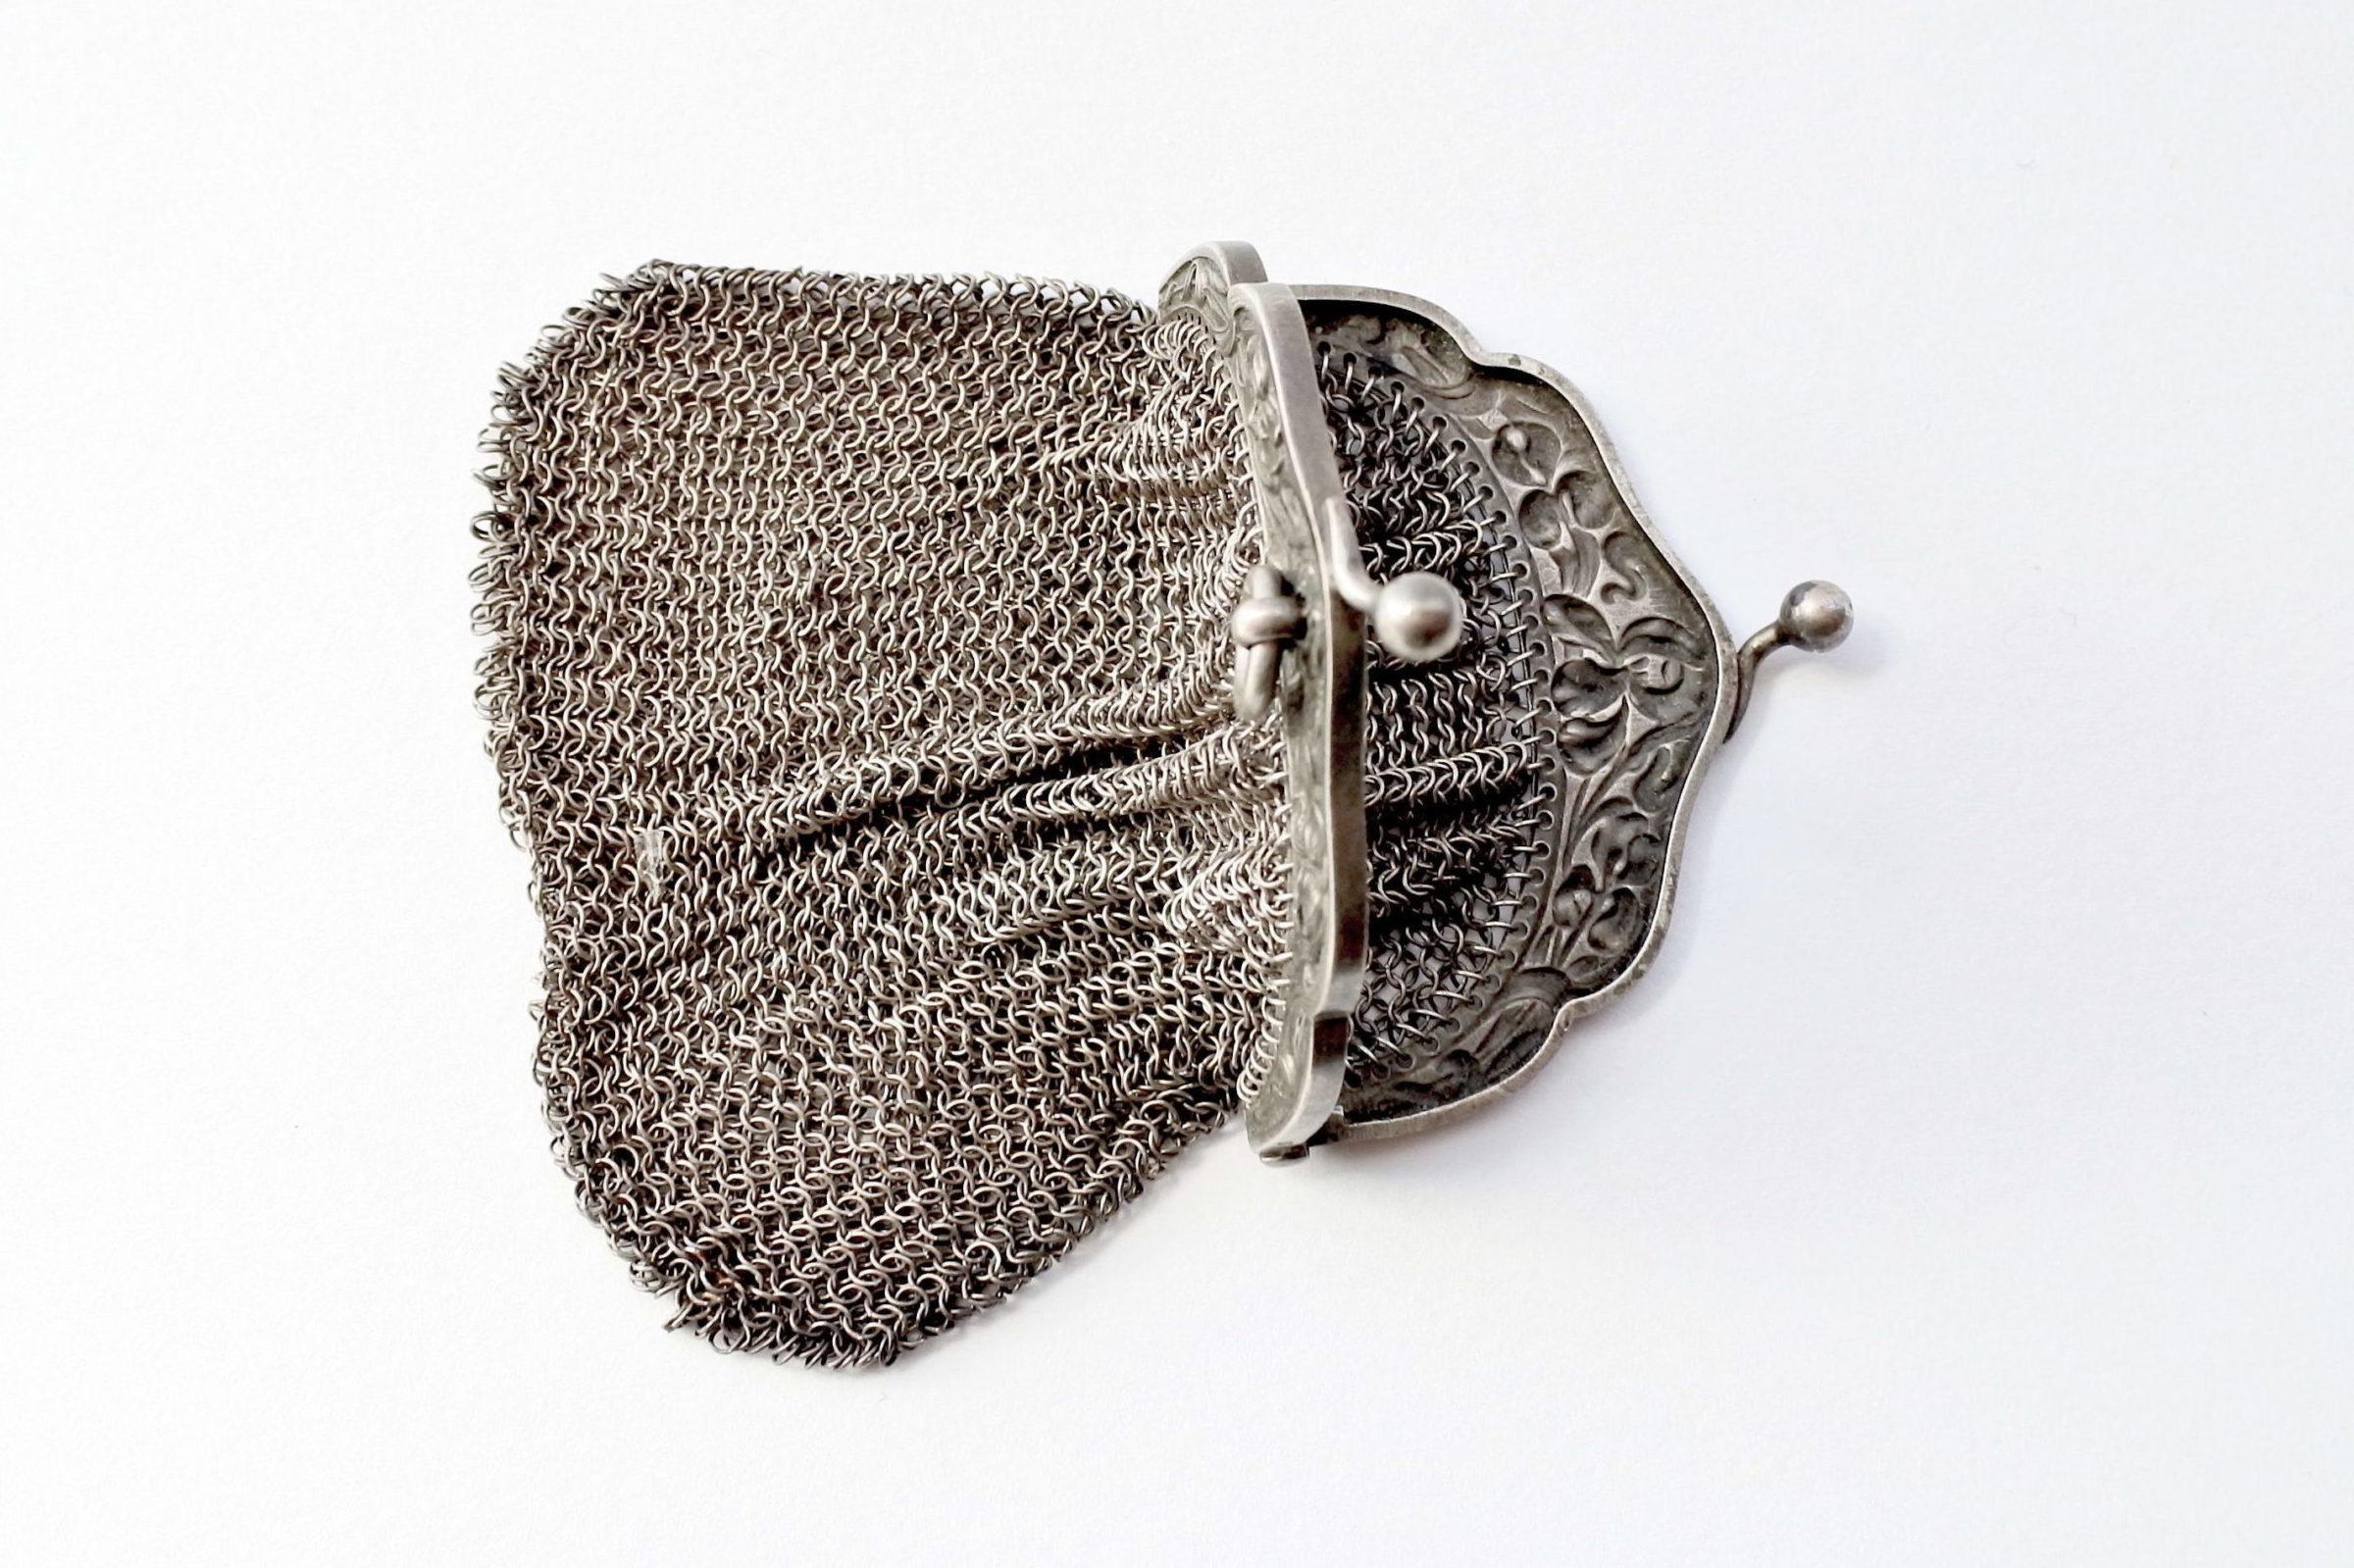 Borsellino in maglia d'argento - chiusura con decoro liberty - 4